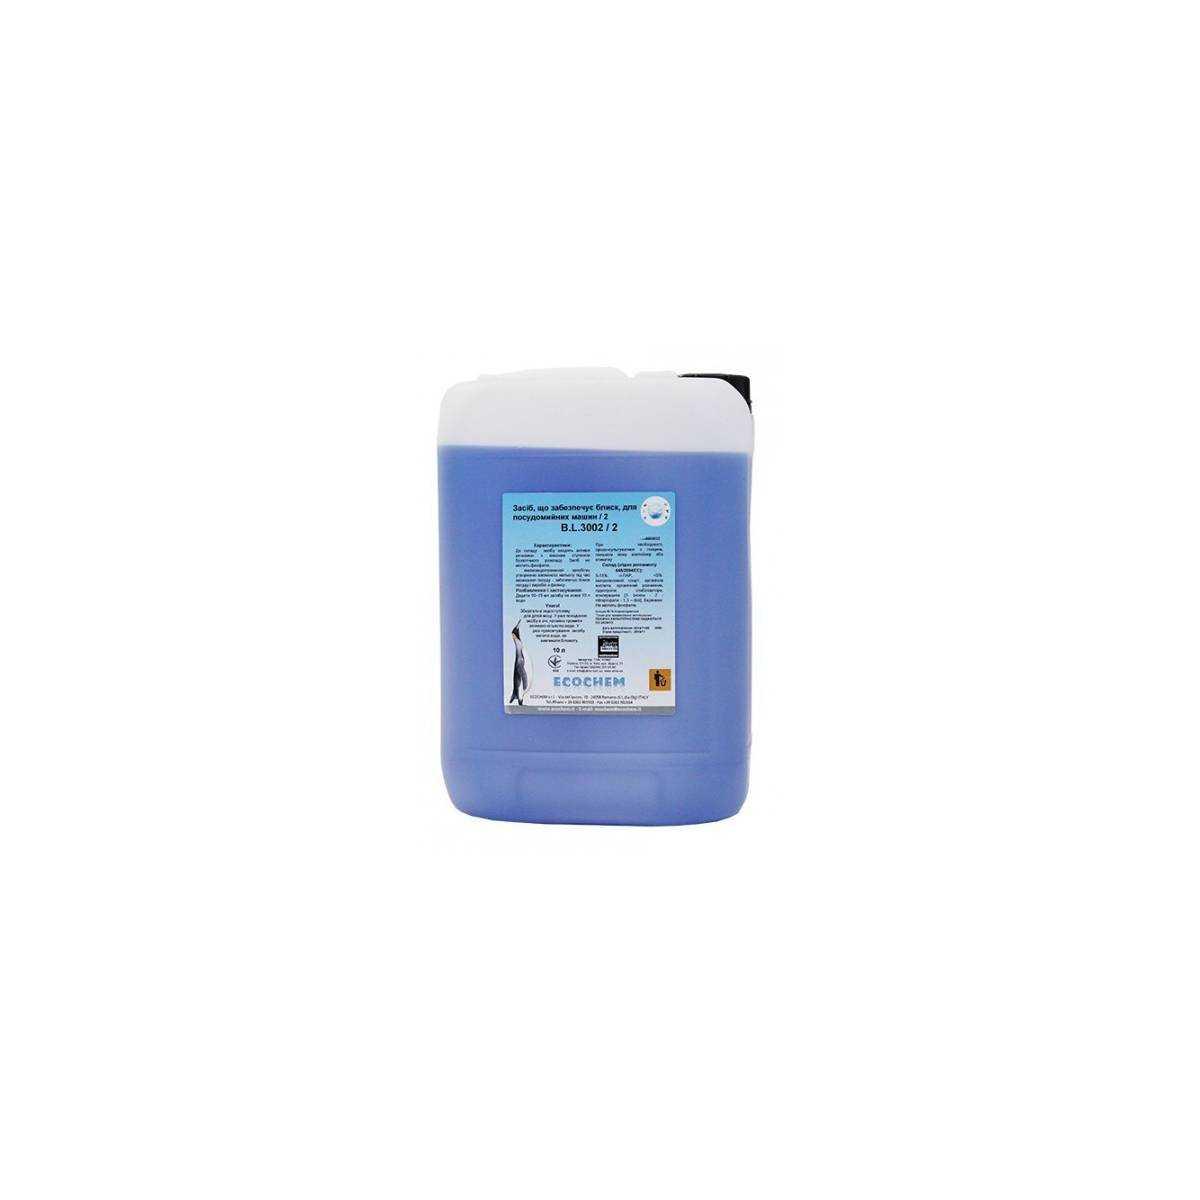 Ополаскиватель для посудомоечных машин 10л B.L.3002/2 ECOCHEM